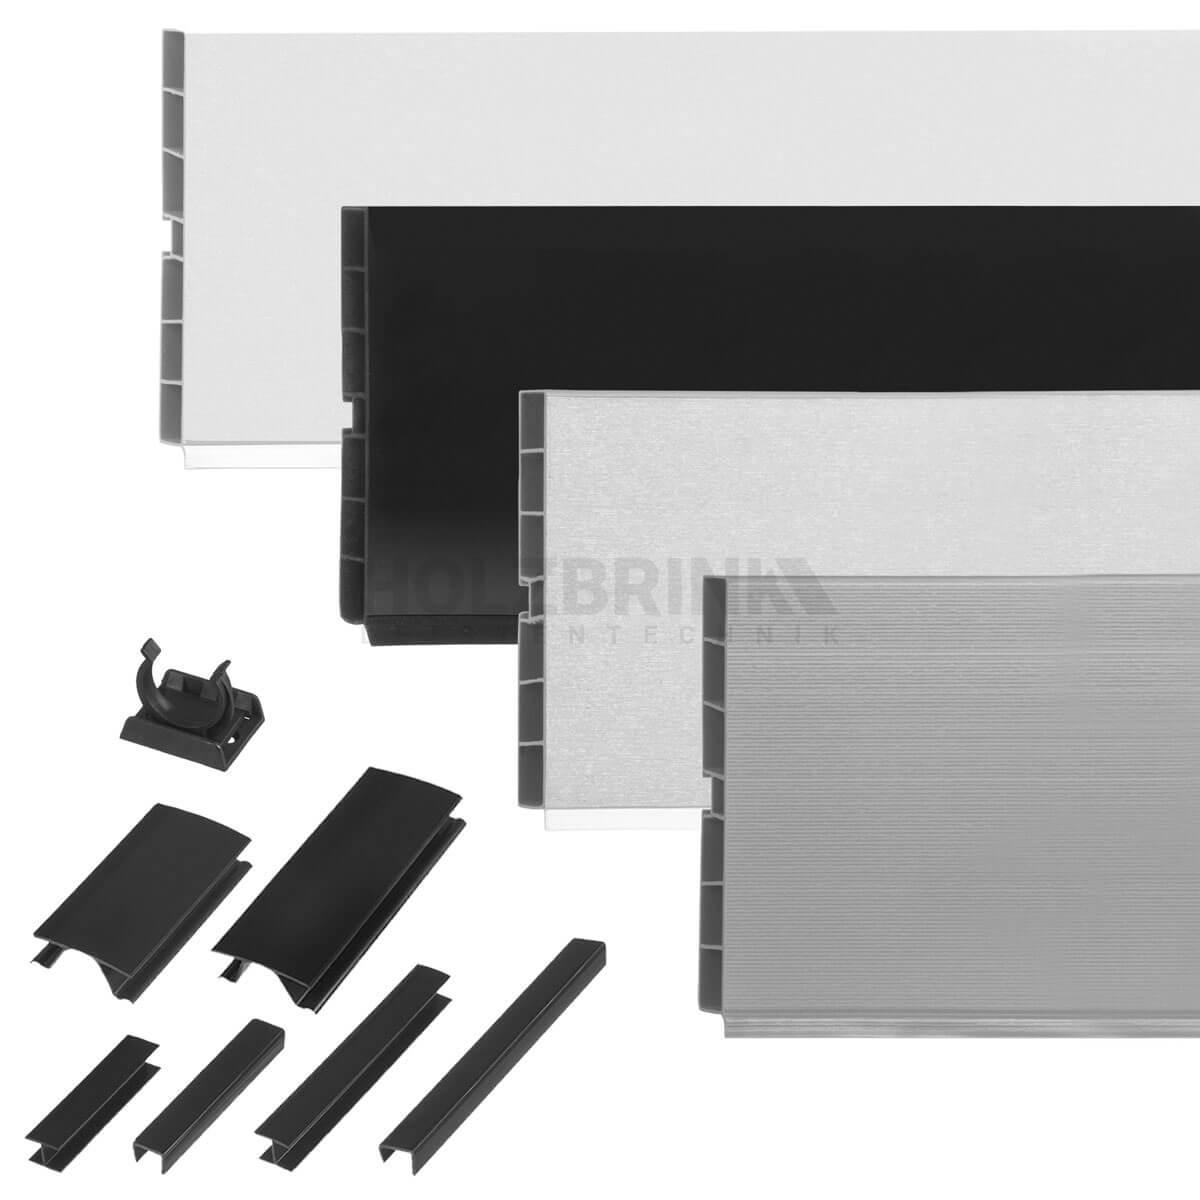 k chensockel sockelleiste sockelblende einbauk che arbeitsplatte inkl zubeh r ebay. Black Bedroom Furniture Sets. Home Design Ideas